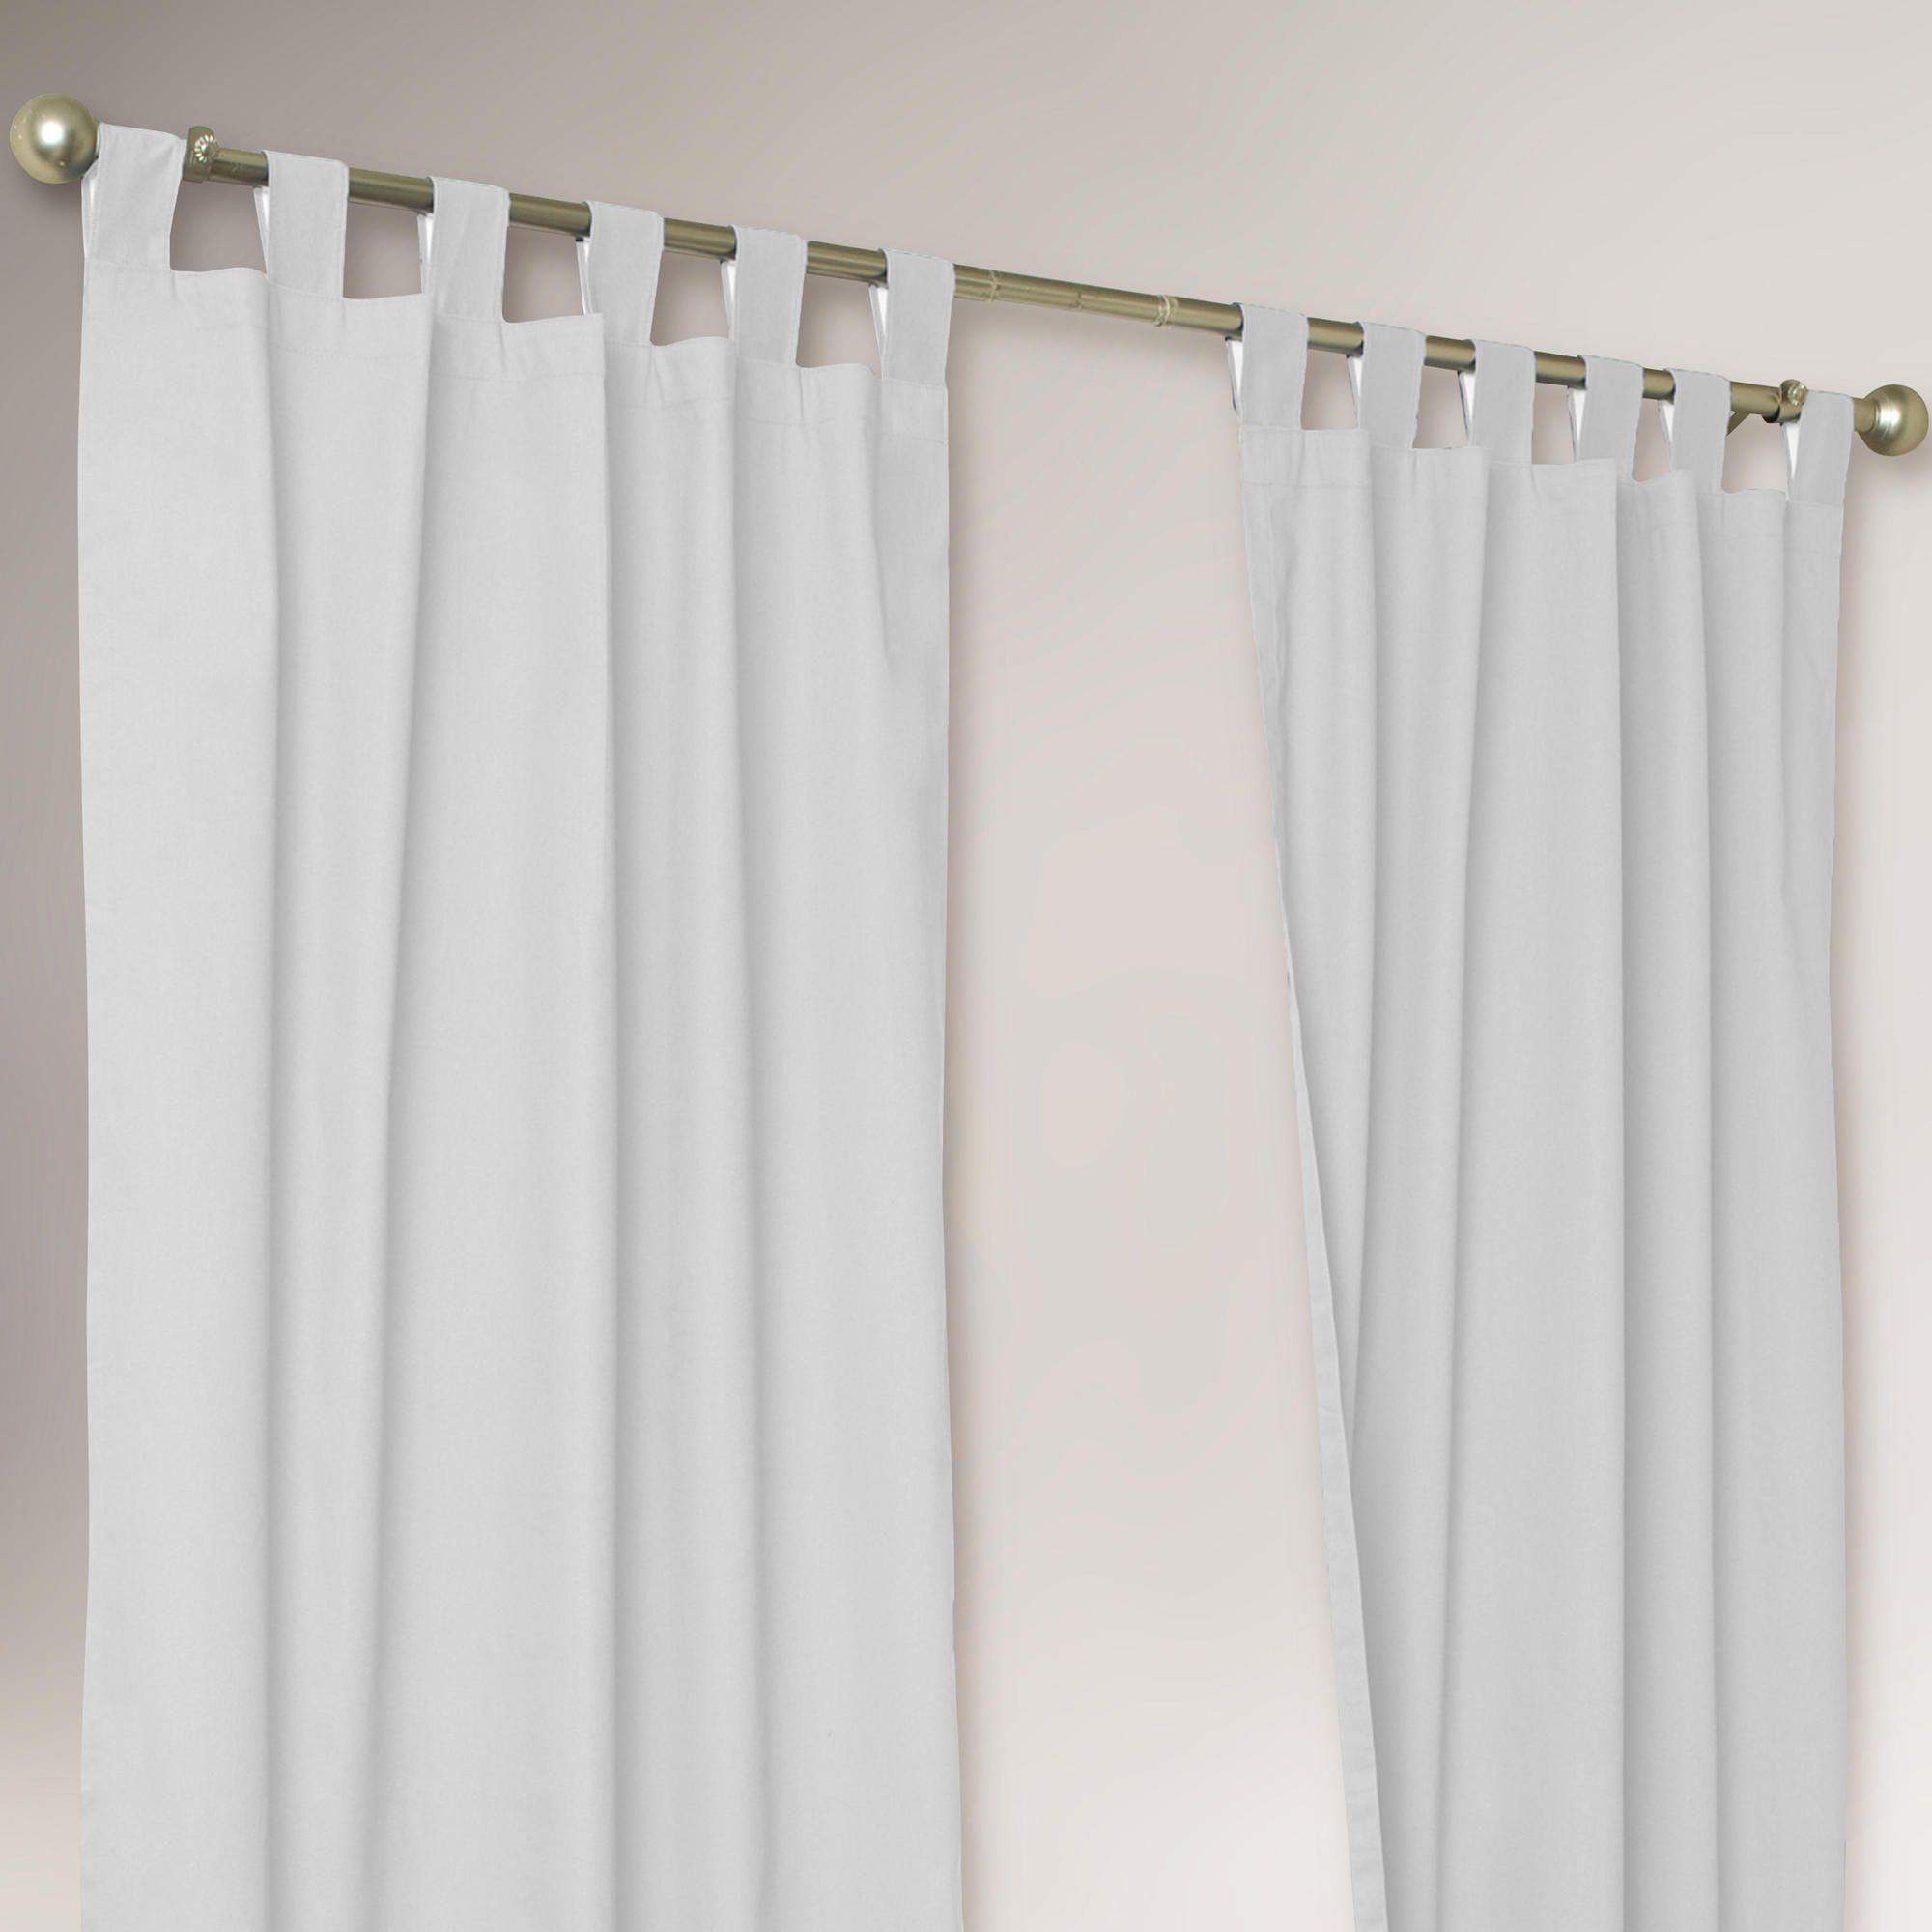 Thermalogic White Weathermate Curtains Set Of 2 World Market